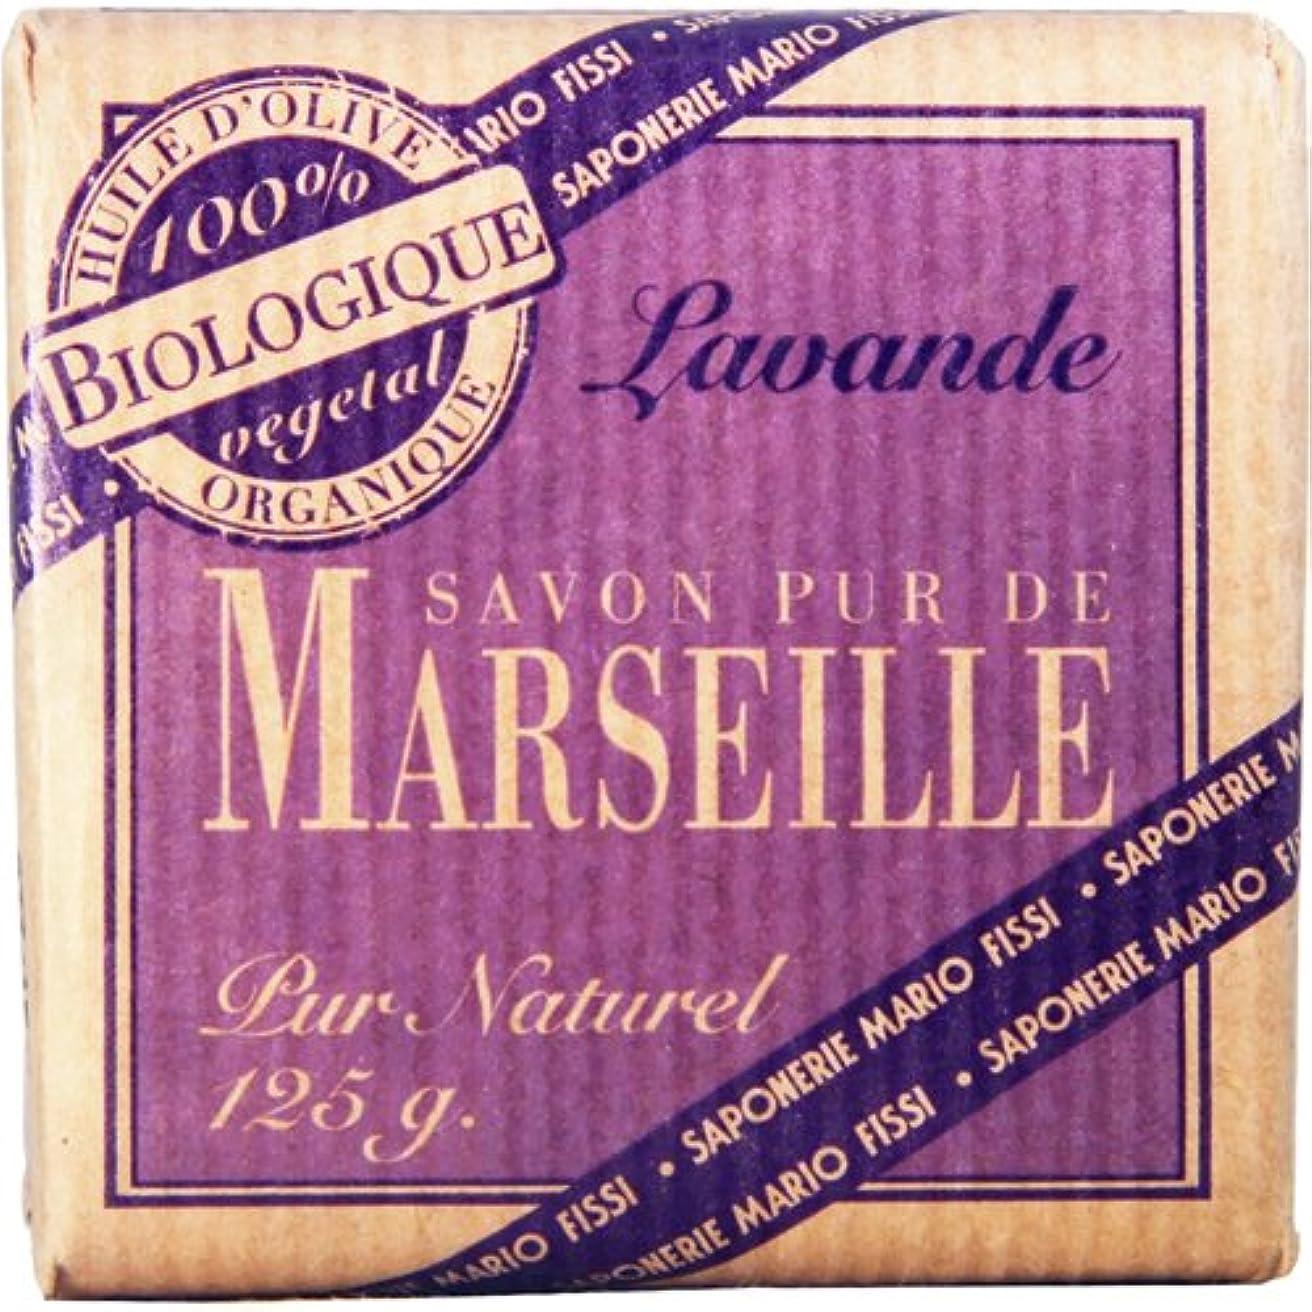 権限裸排泄するSaponerire Fissi マルセイユシリーズ マルセイユソープ 125g Lavender ラベンダー